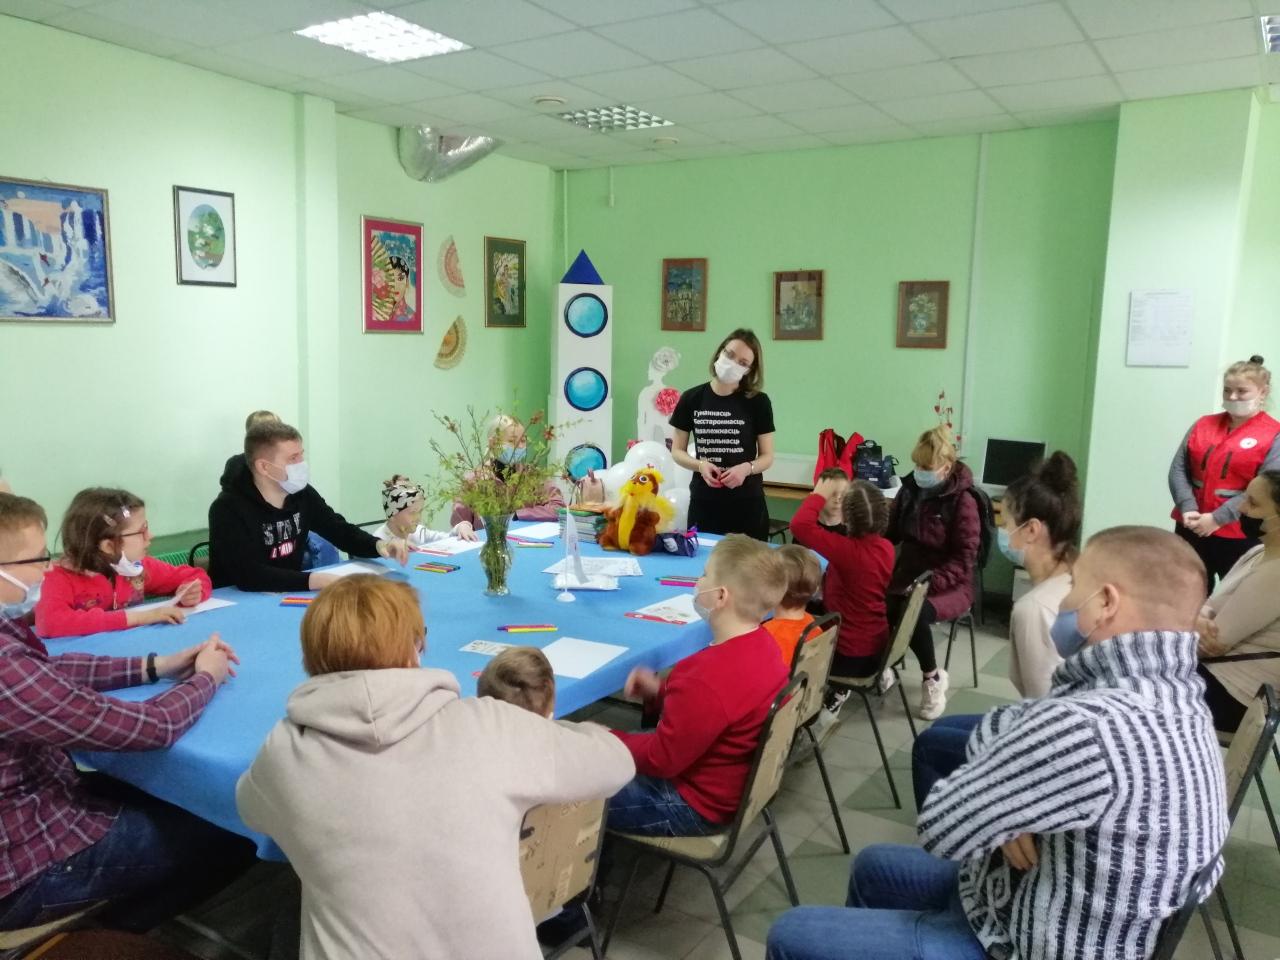 Проект «Сказки добра» состоялся вМогилеве набазе отделения дневного пребывания для инвалидов